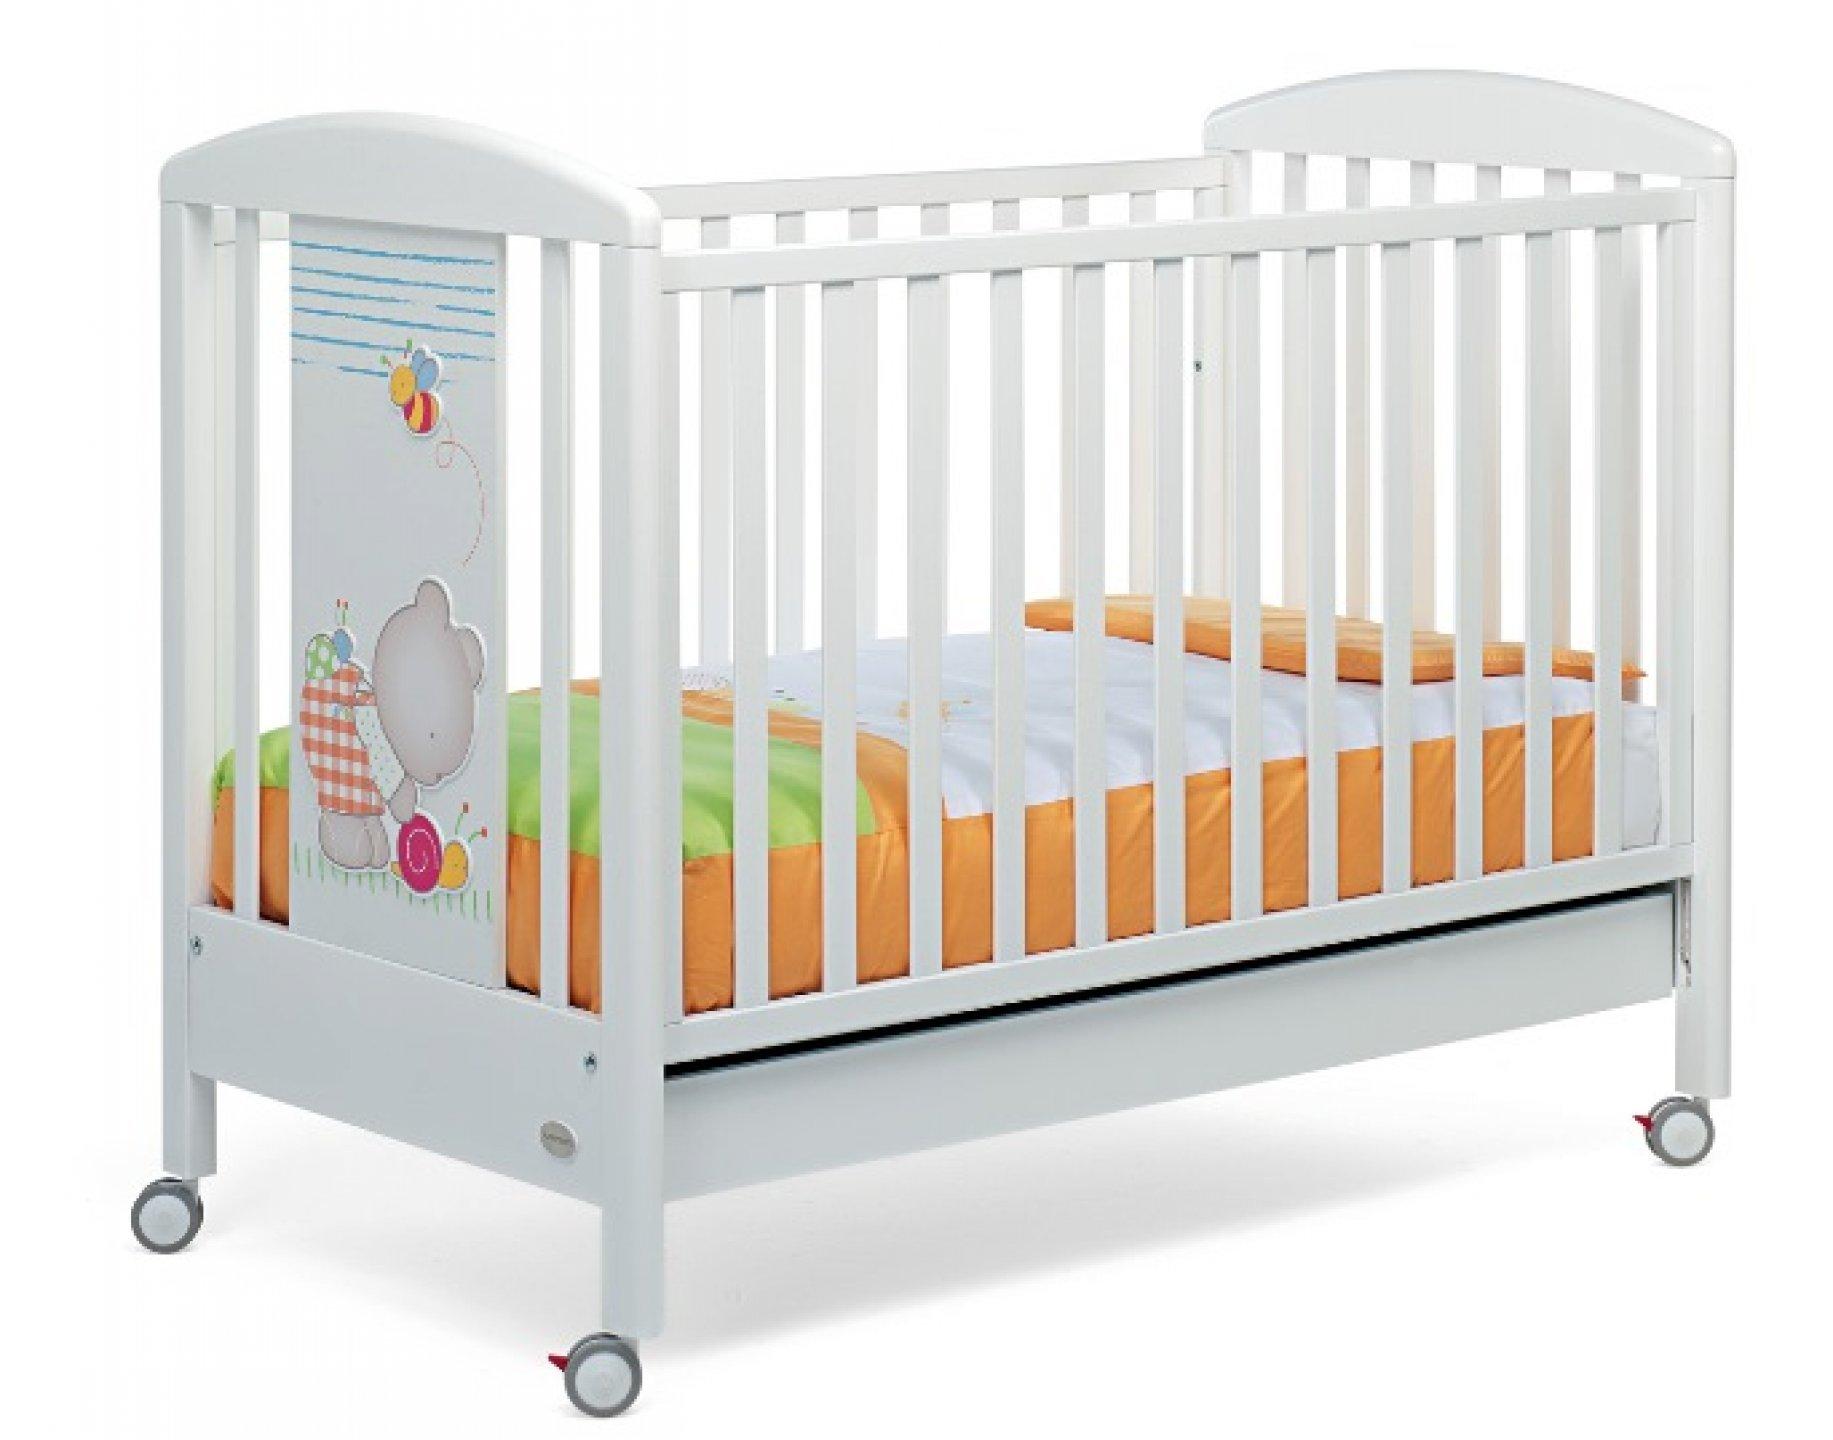 Деревянная детская кроватка Teneri incontri 500 -1